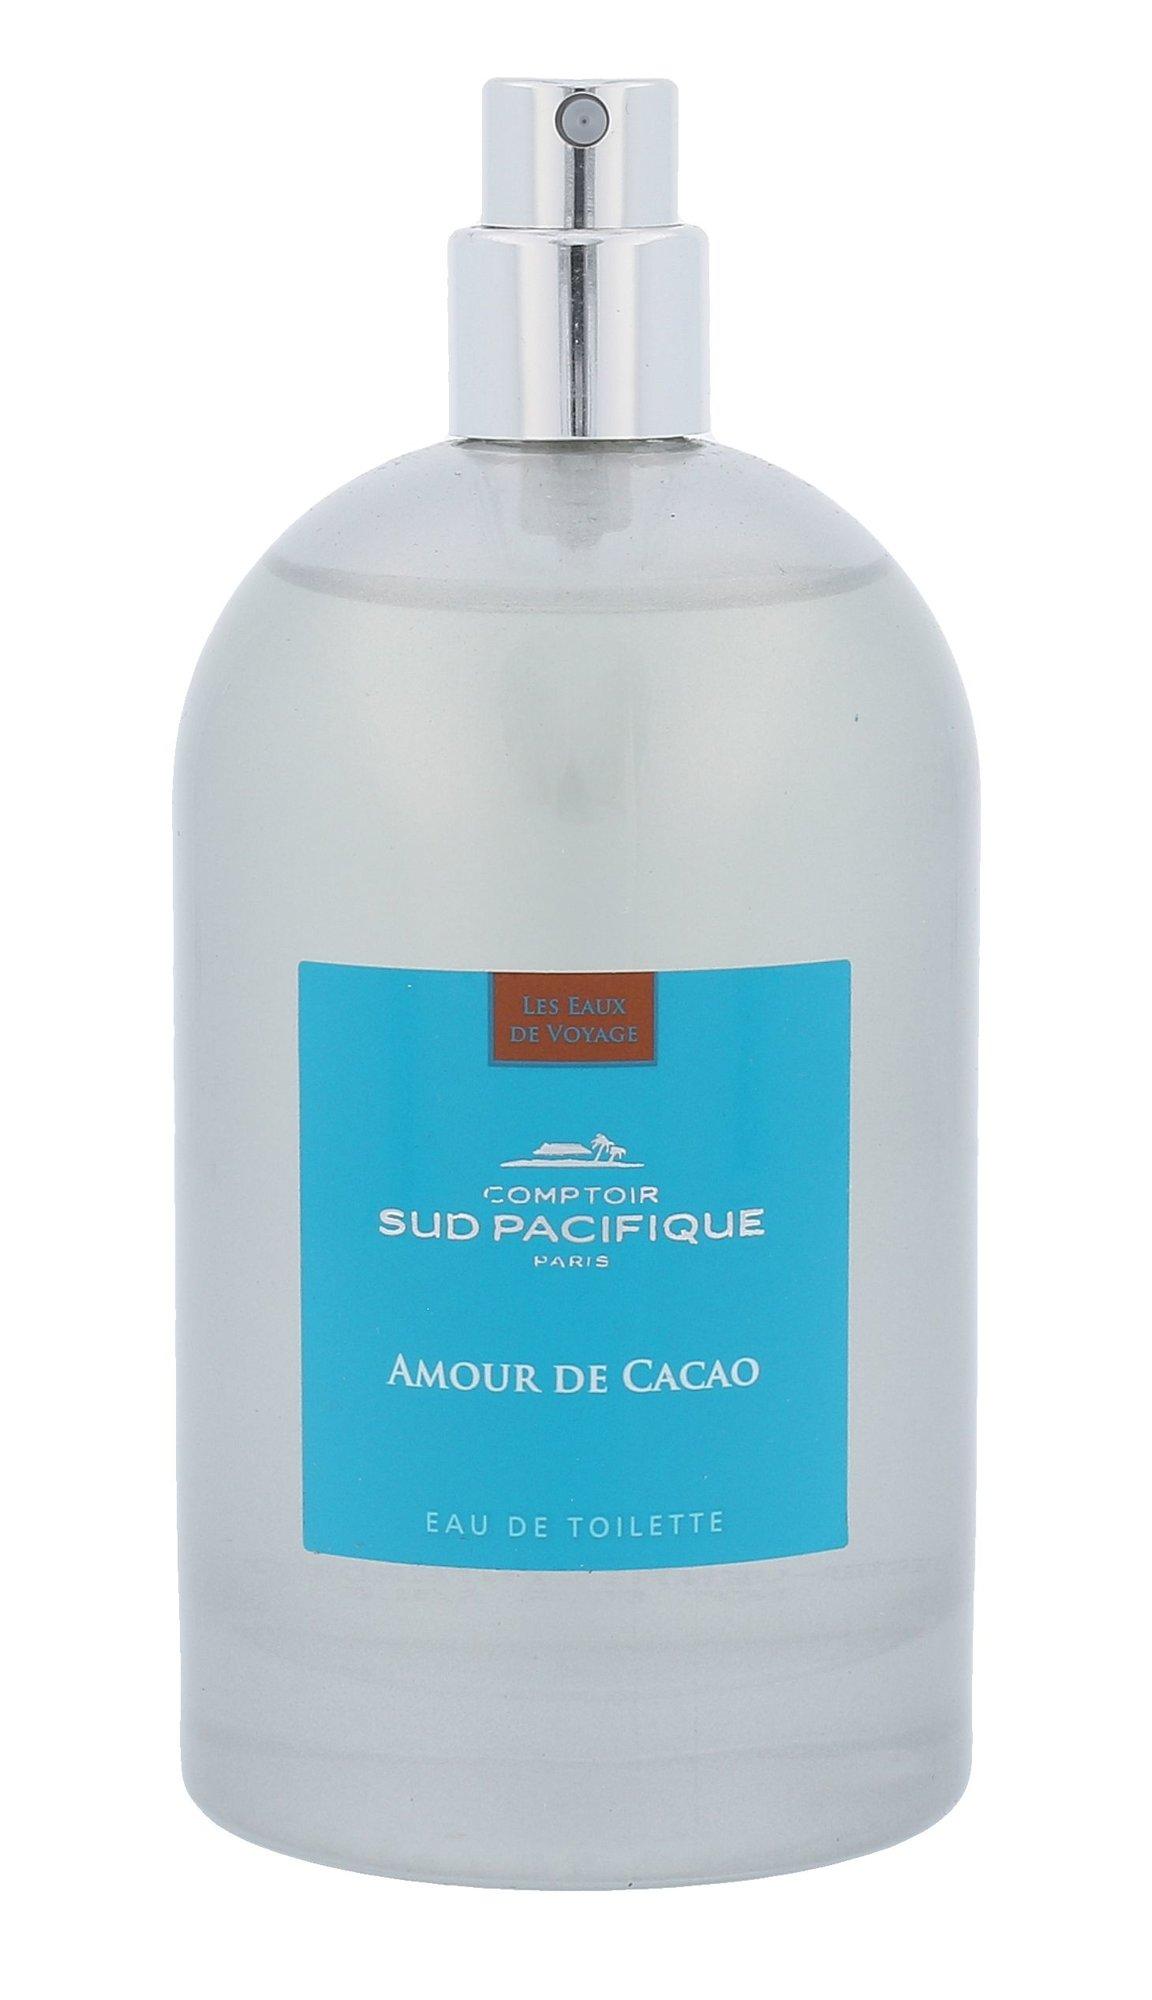 Comptoir Sud Pacifique Amour De Cacao EDT 100ml